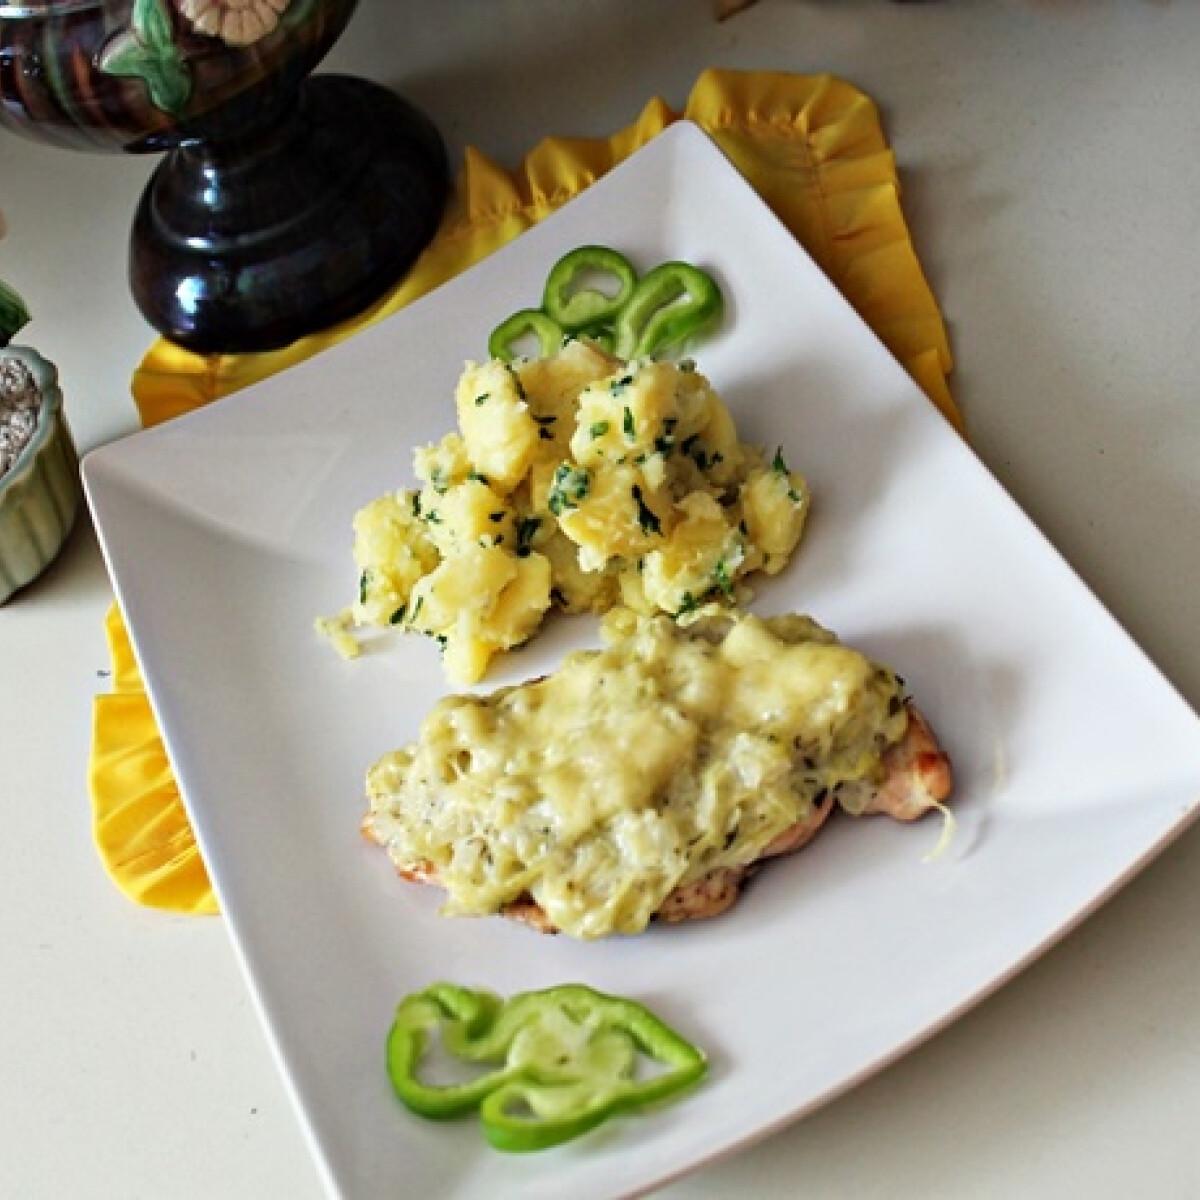 Ezen a képen: Csirkemell sajtos cukkiniraguval borítva